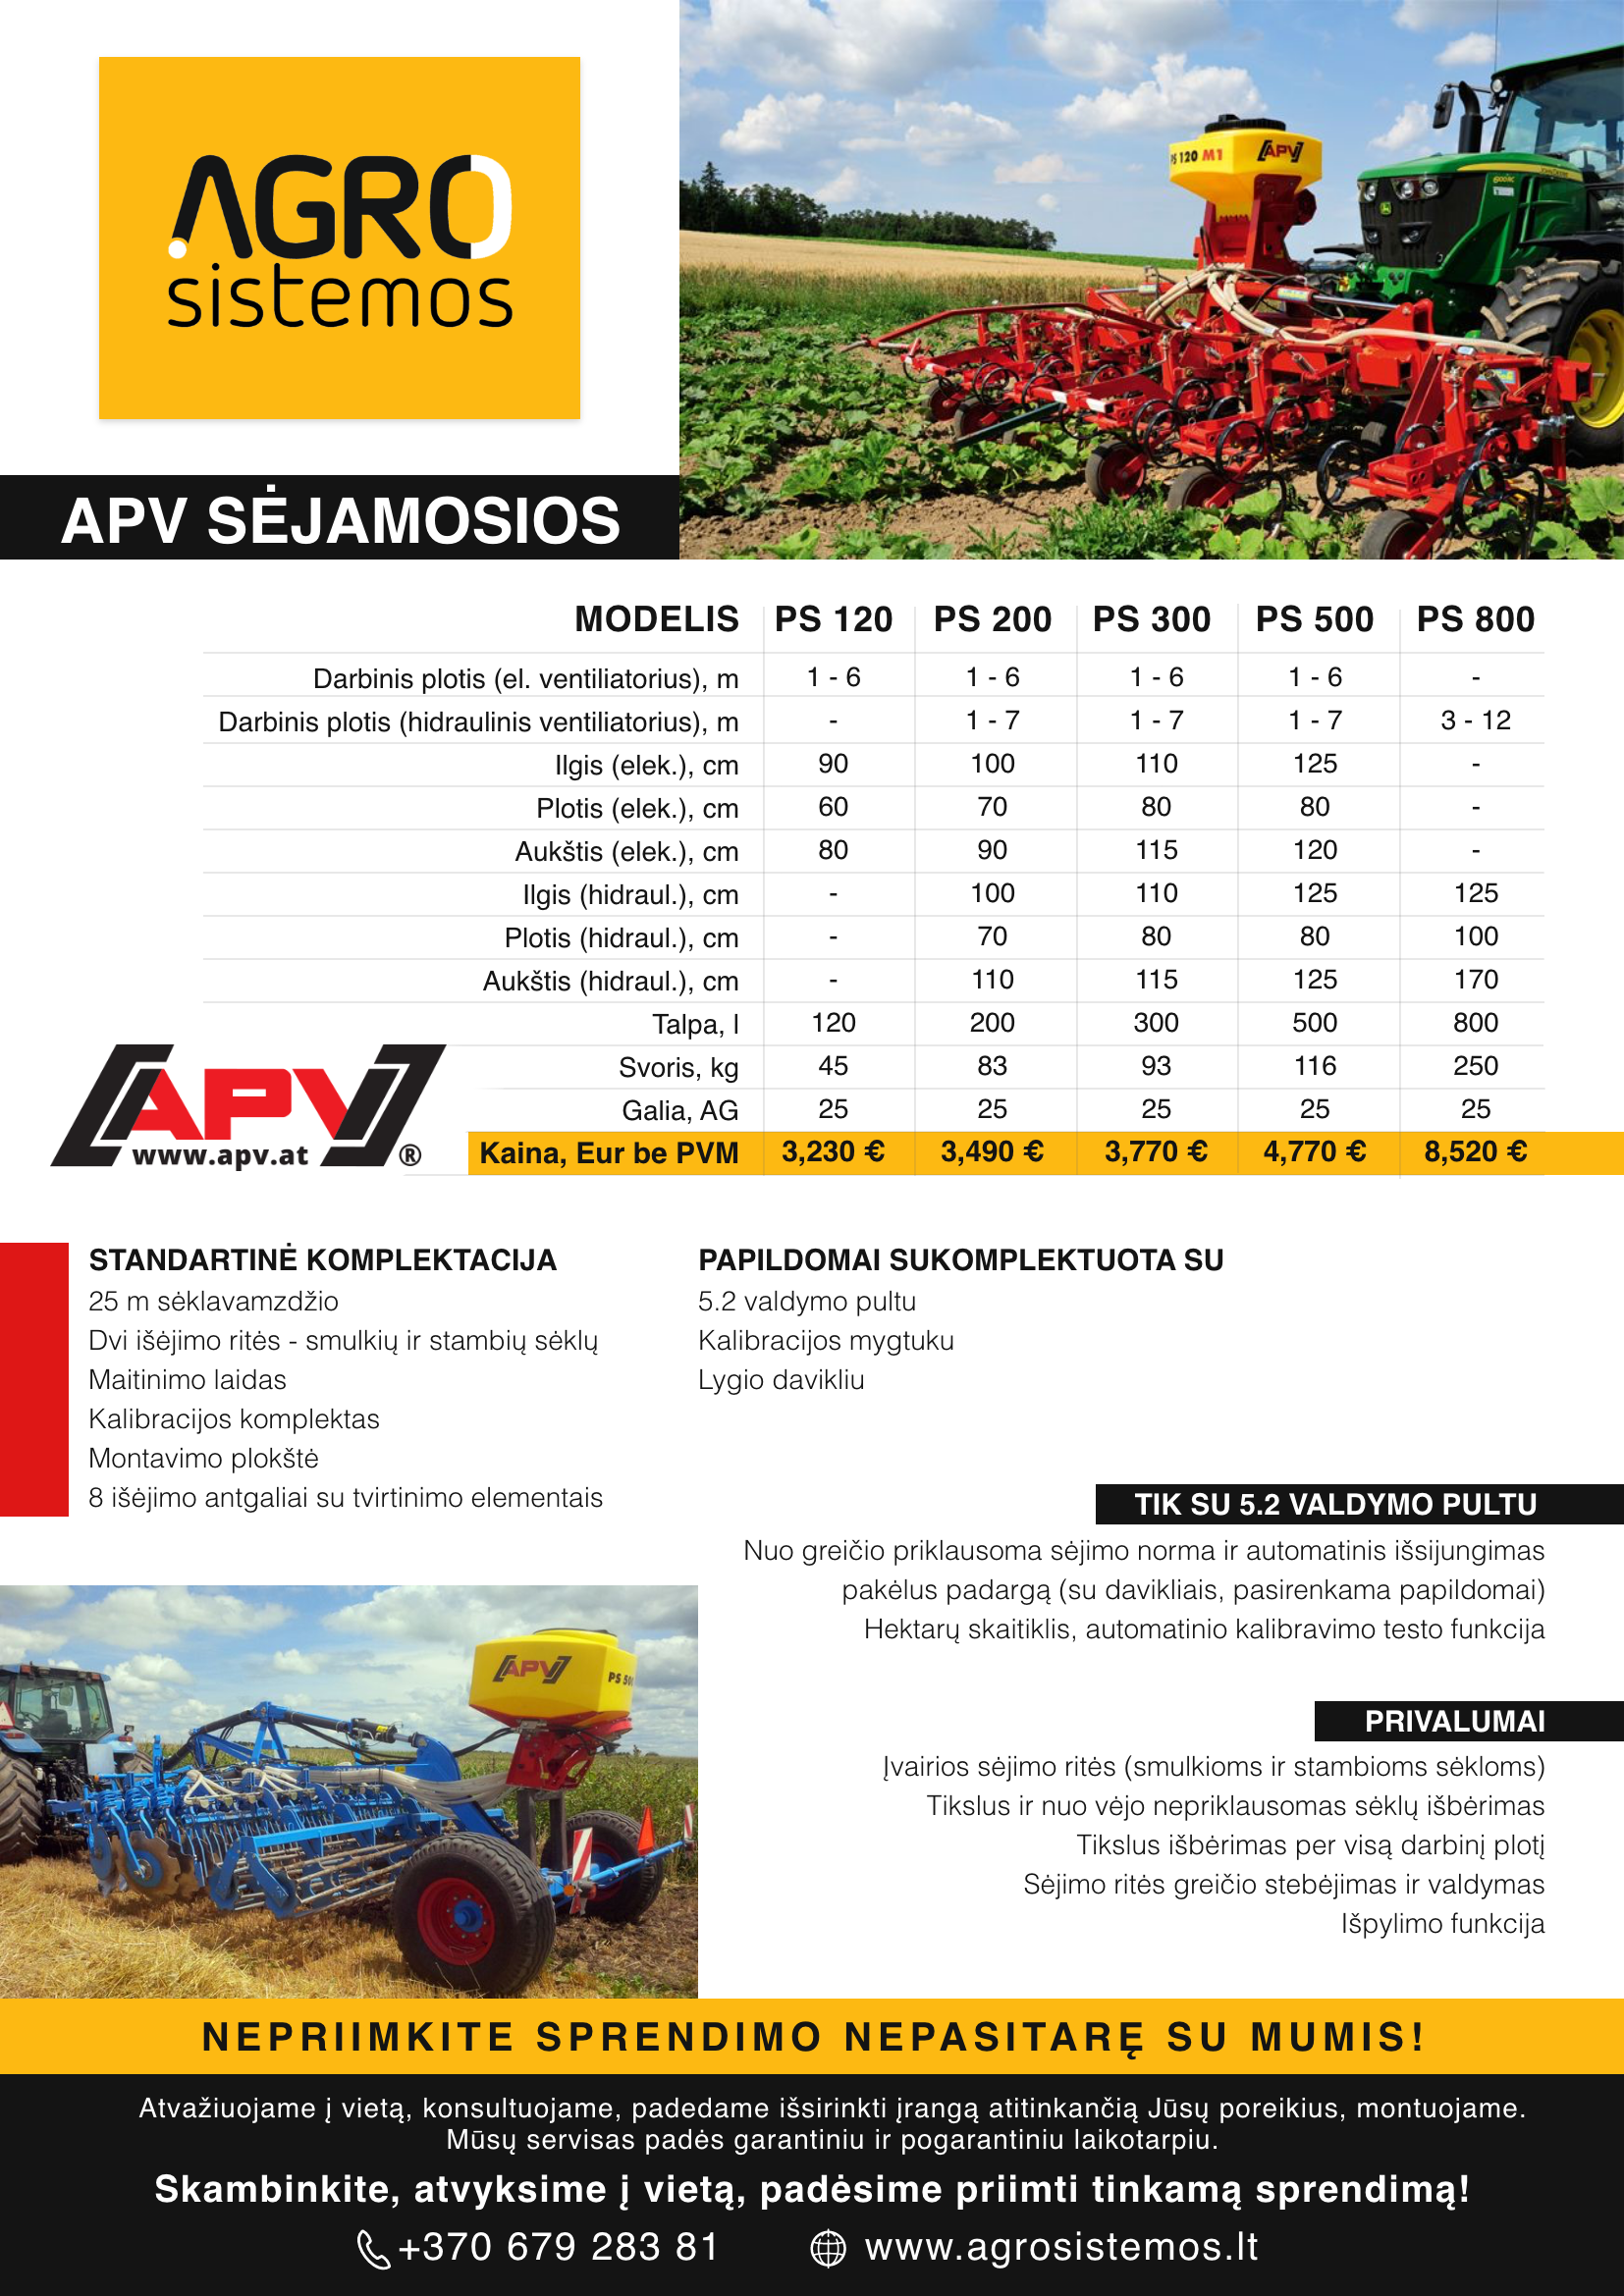 APV sėjamosios